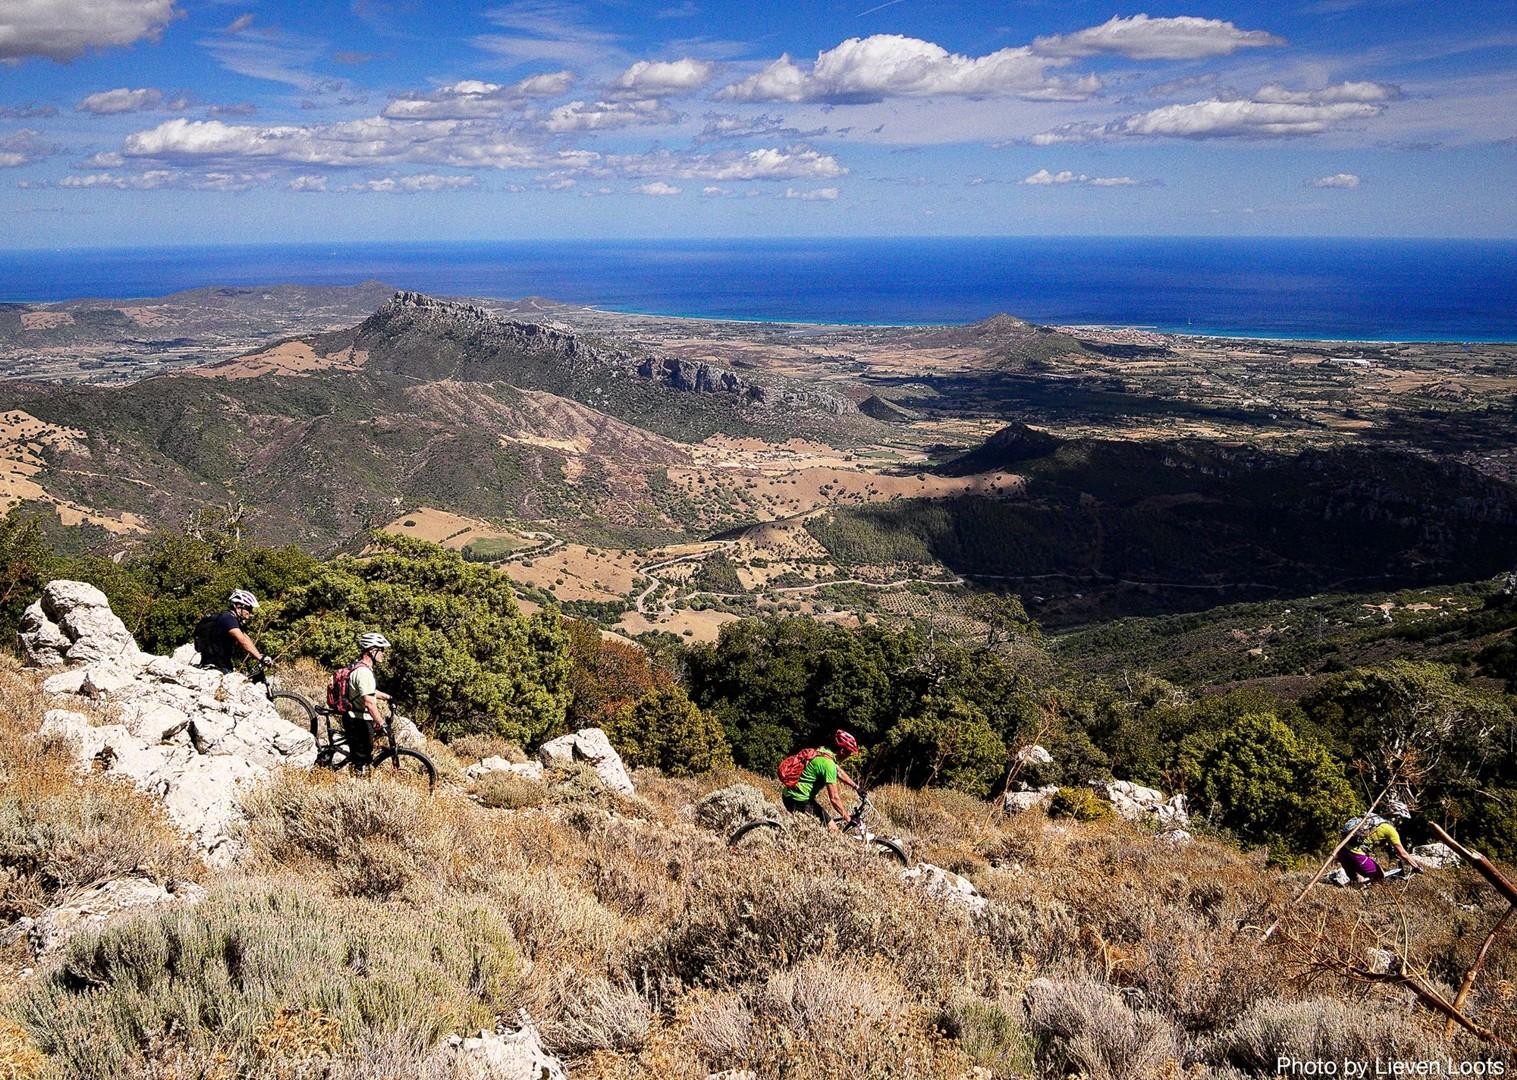 italy-sardinia-traverse-mountain-biking-holiday.jpg - Sardinia - Sardinia Traverse - Guided Mountain Bike Holiday - Mountain Biking